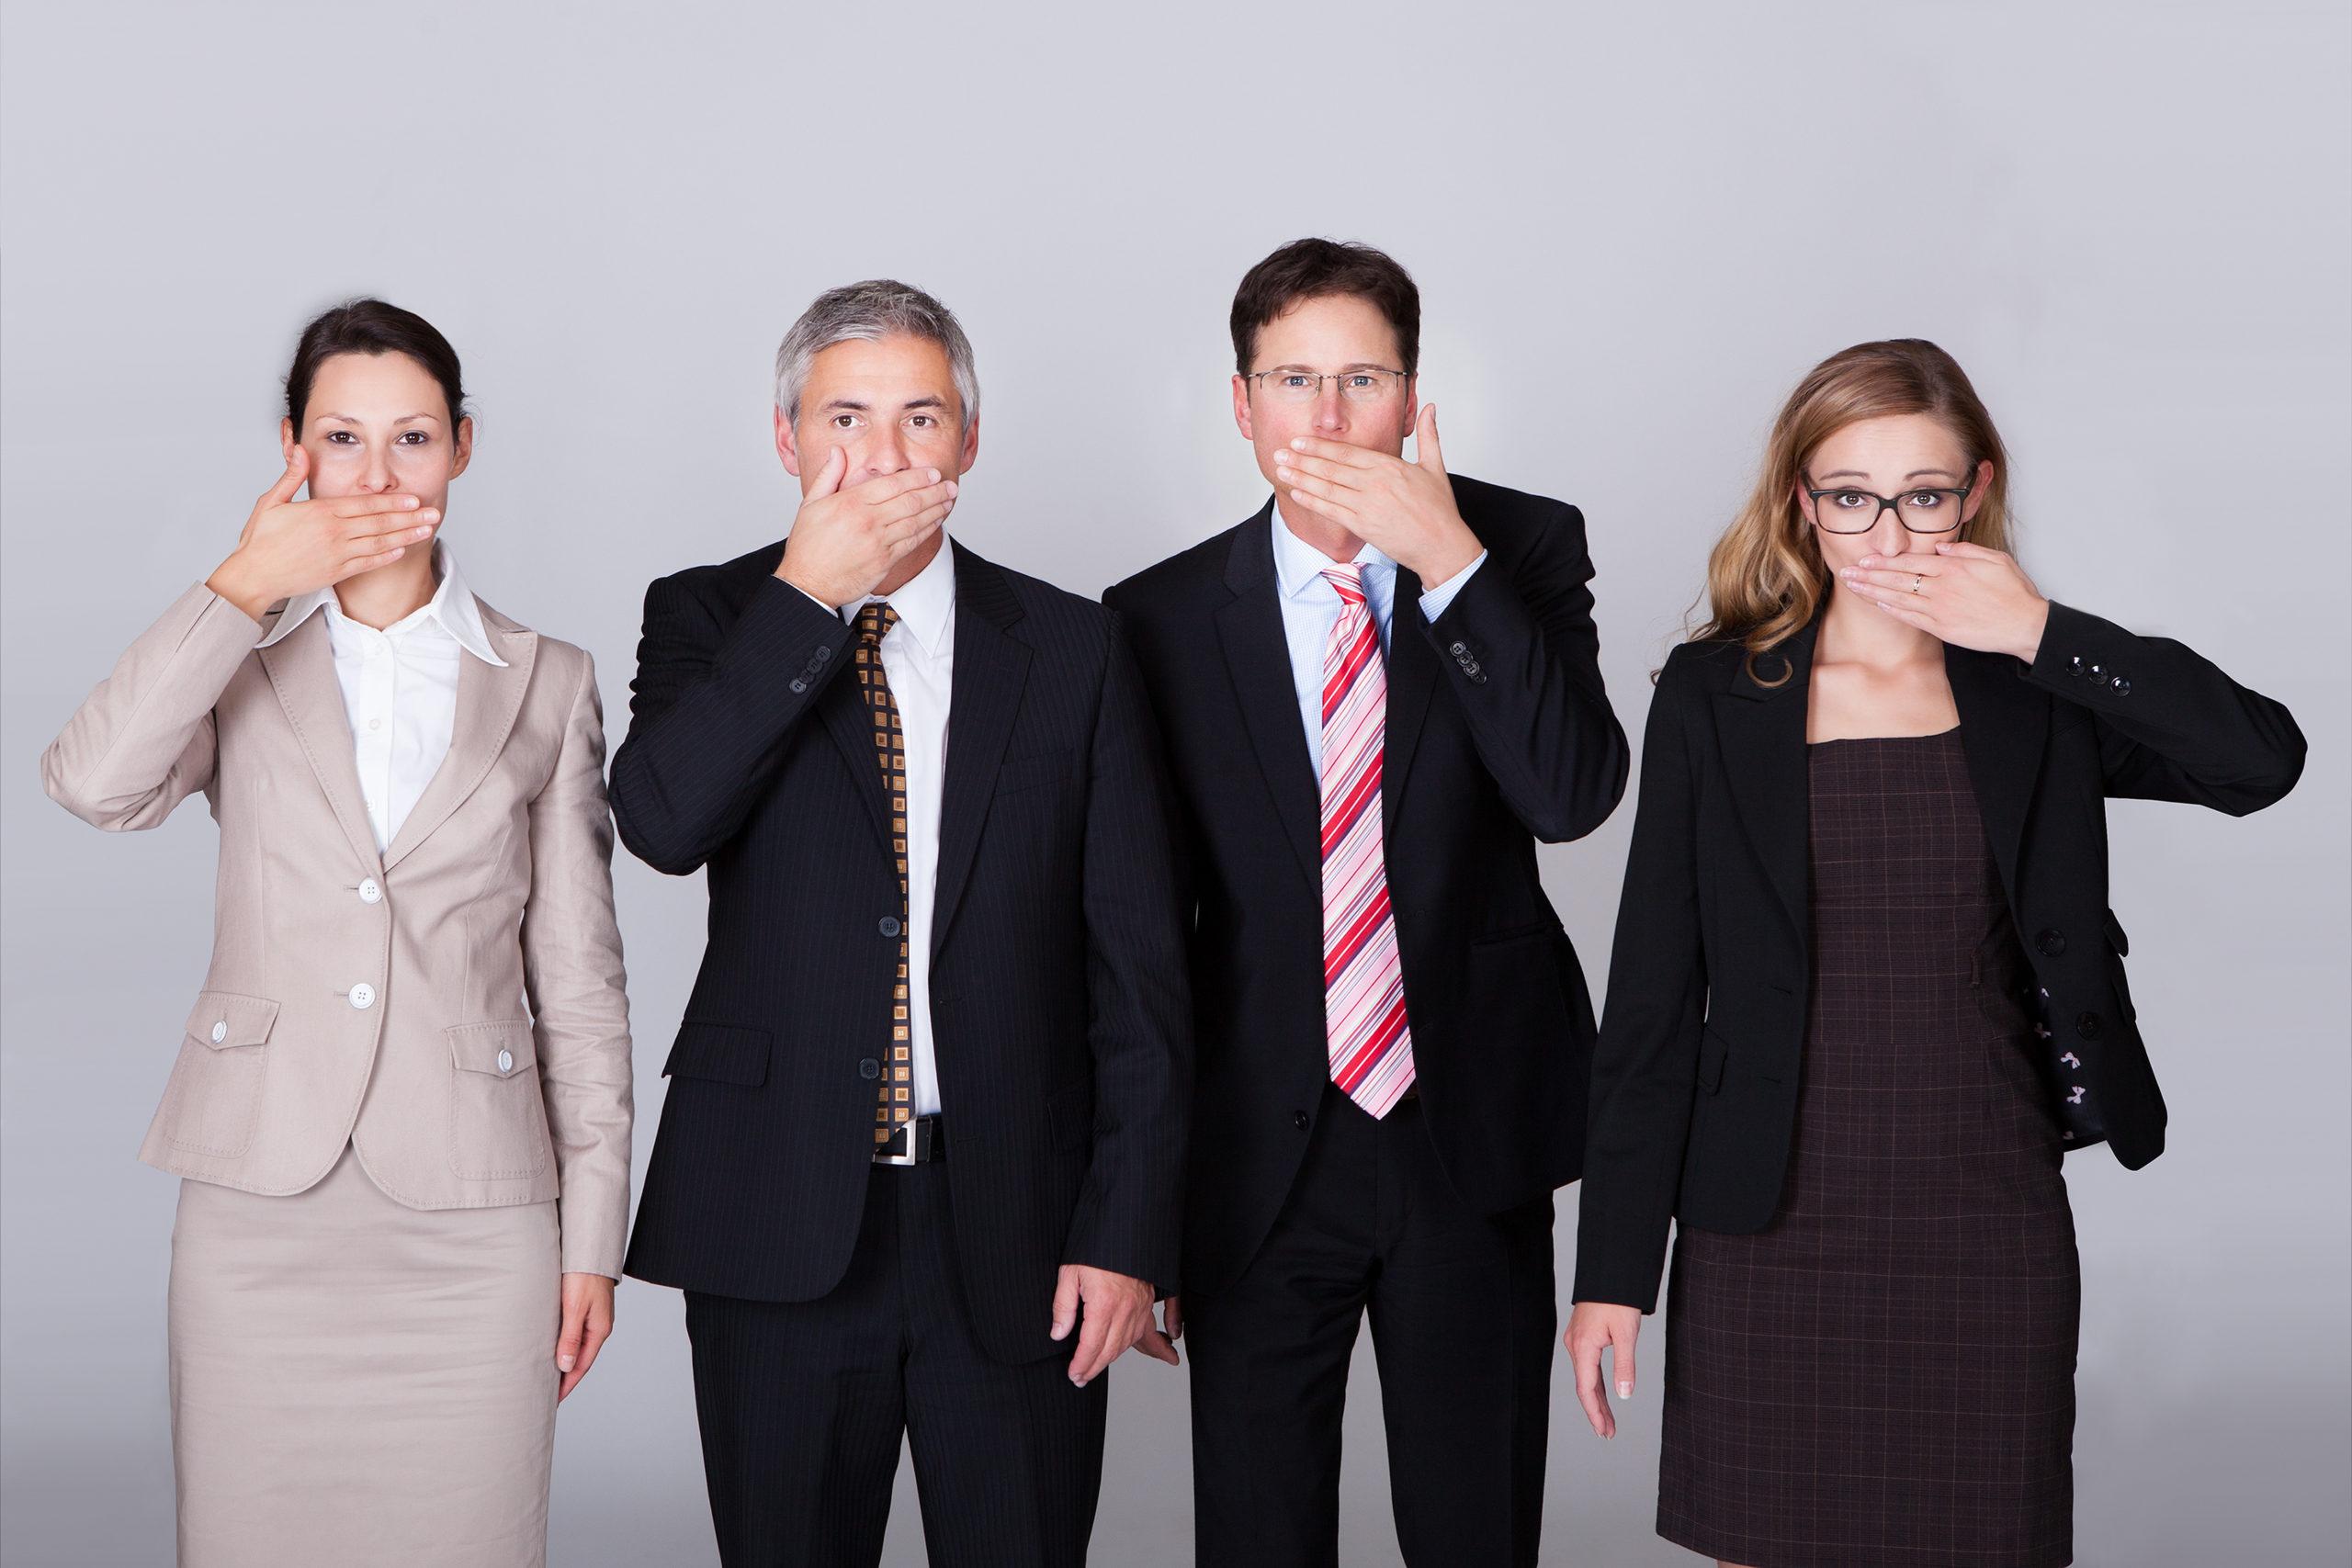 10 conseils pour améliorer votre communication non-verbale